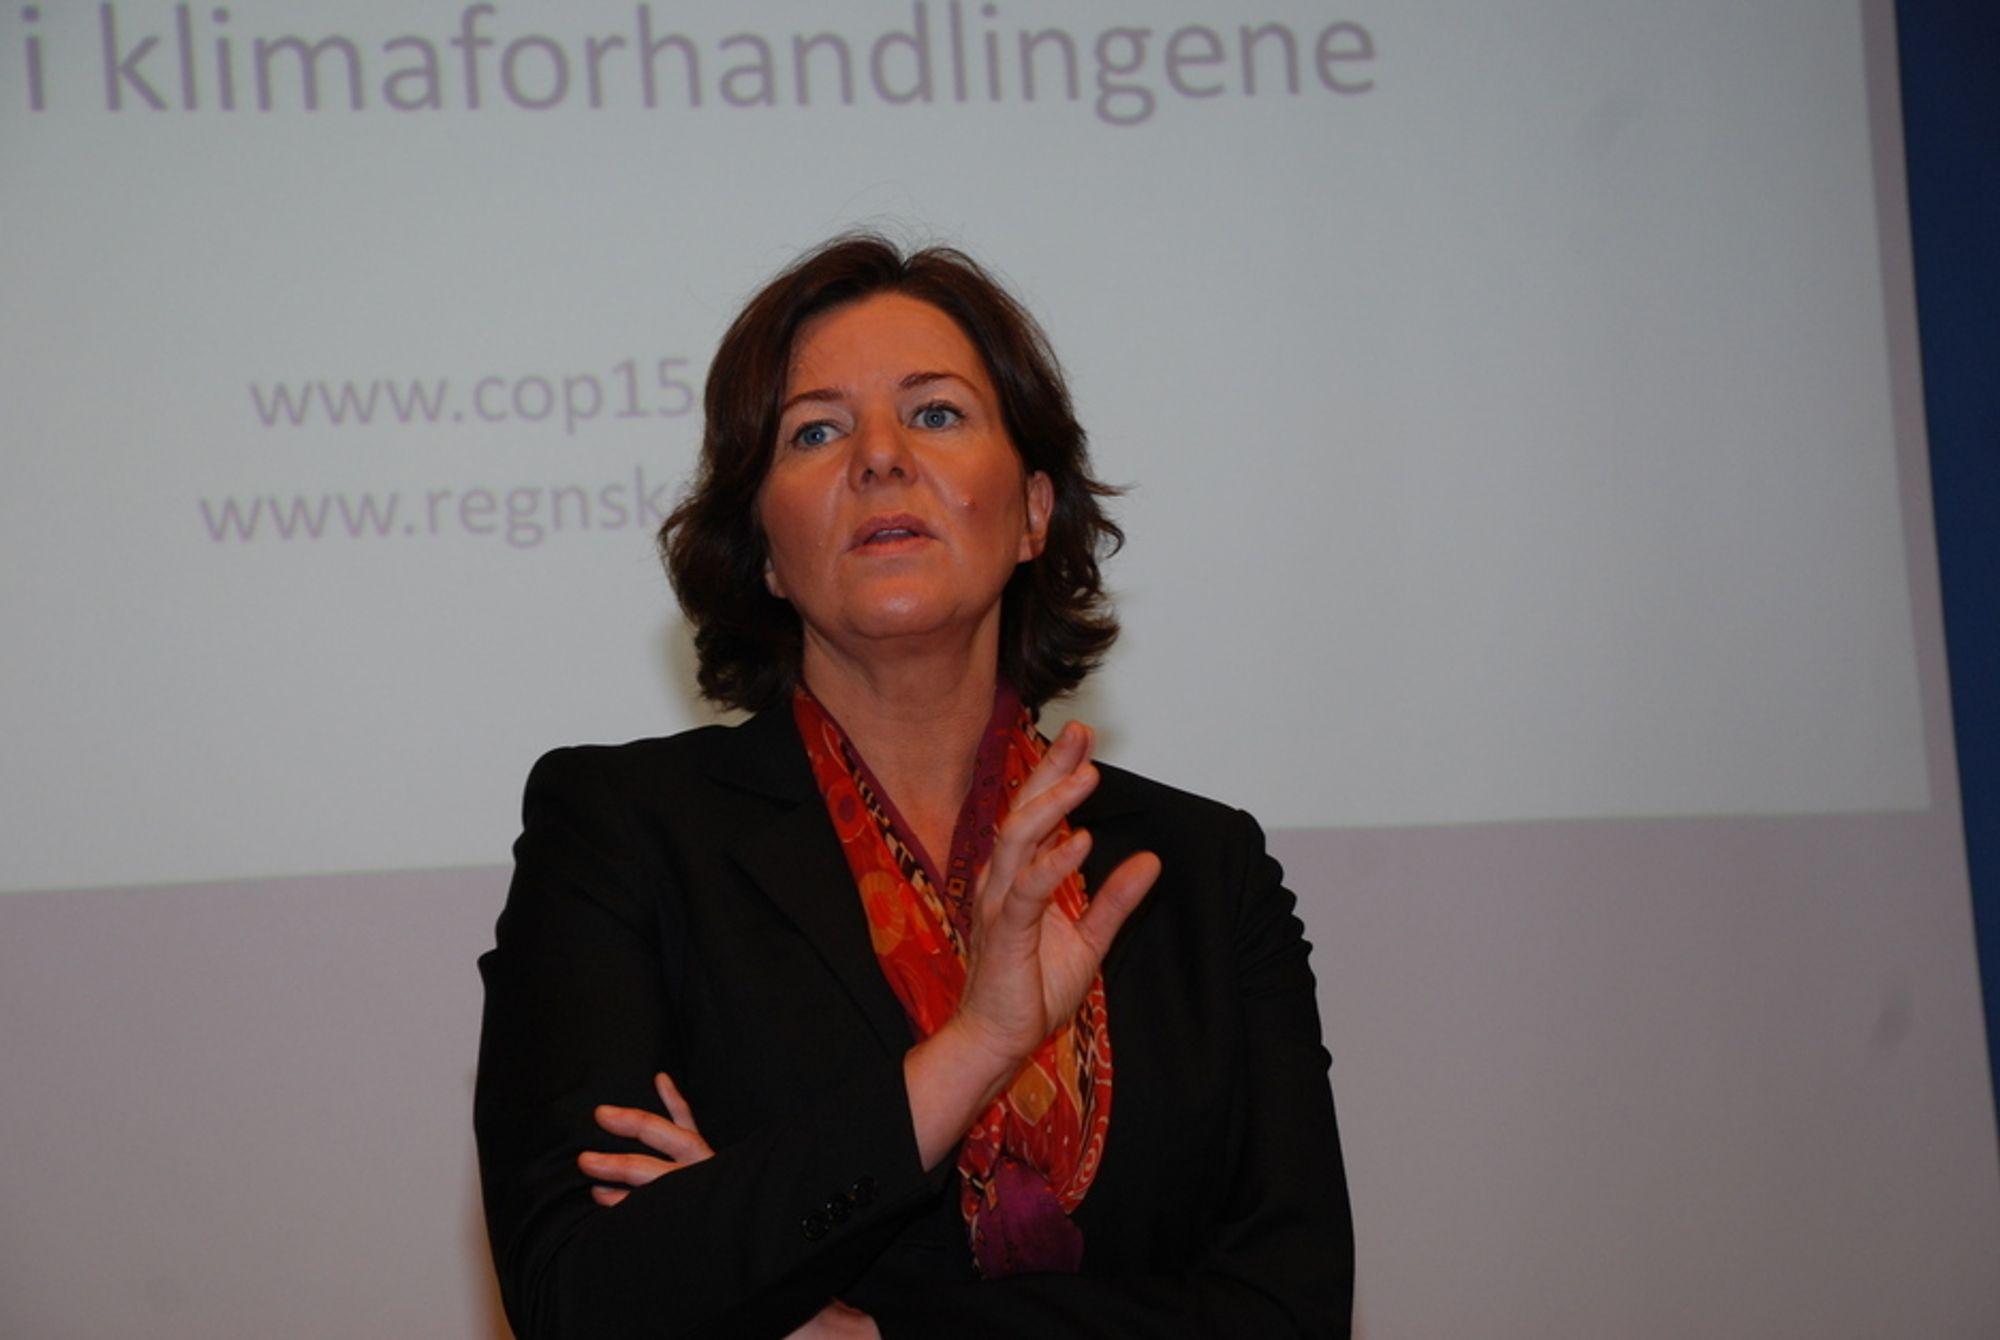 PENGER PÅ BORDET: ¿ Finansiering tror jeg, for å være nøktern, er noe av det siste vi kommer til å få på plass, sier Norges klimaforhandler i København og Norges nye arbeidsminister Hanne Bjurstrøm.